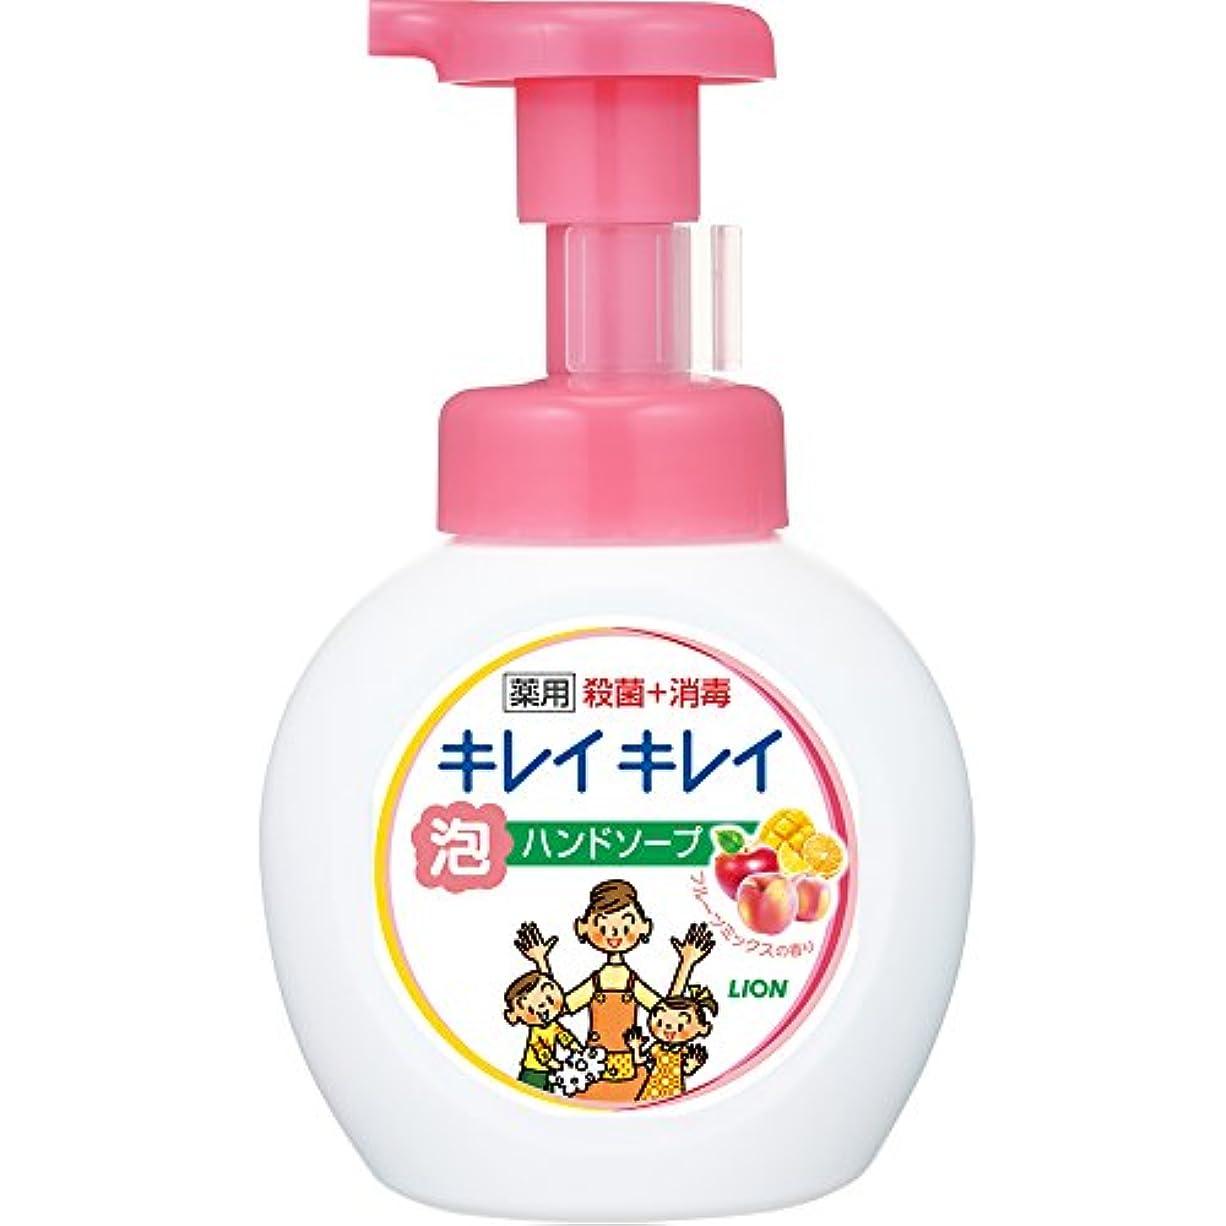 ヒゲクジラカリキュラム堤防キレイキレイ 薬用 泡ハンドソープ フルーツミックスの香り ポンプ 250ml(医薬部外品)